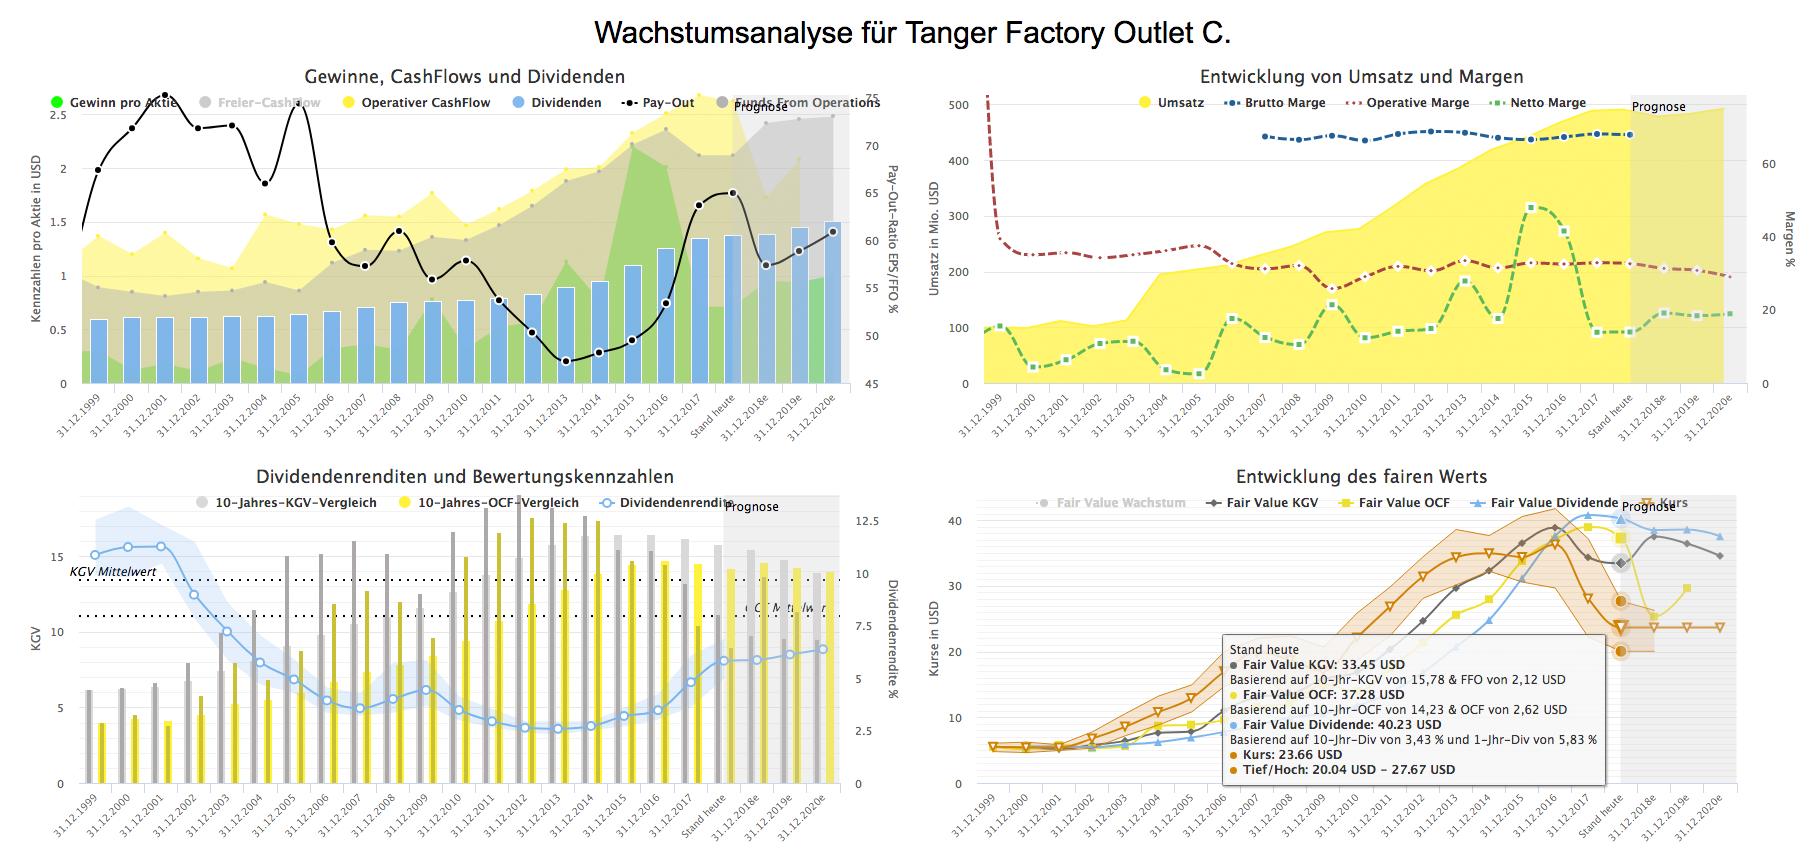 Wachstumsanalyse für Tanger Factory Outlet (Quelle: aktienfinder.net)